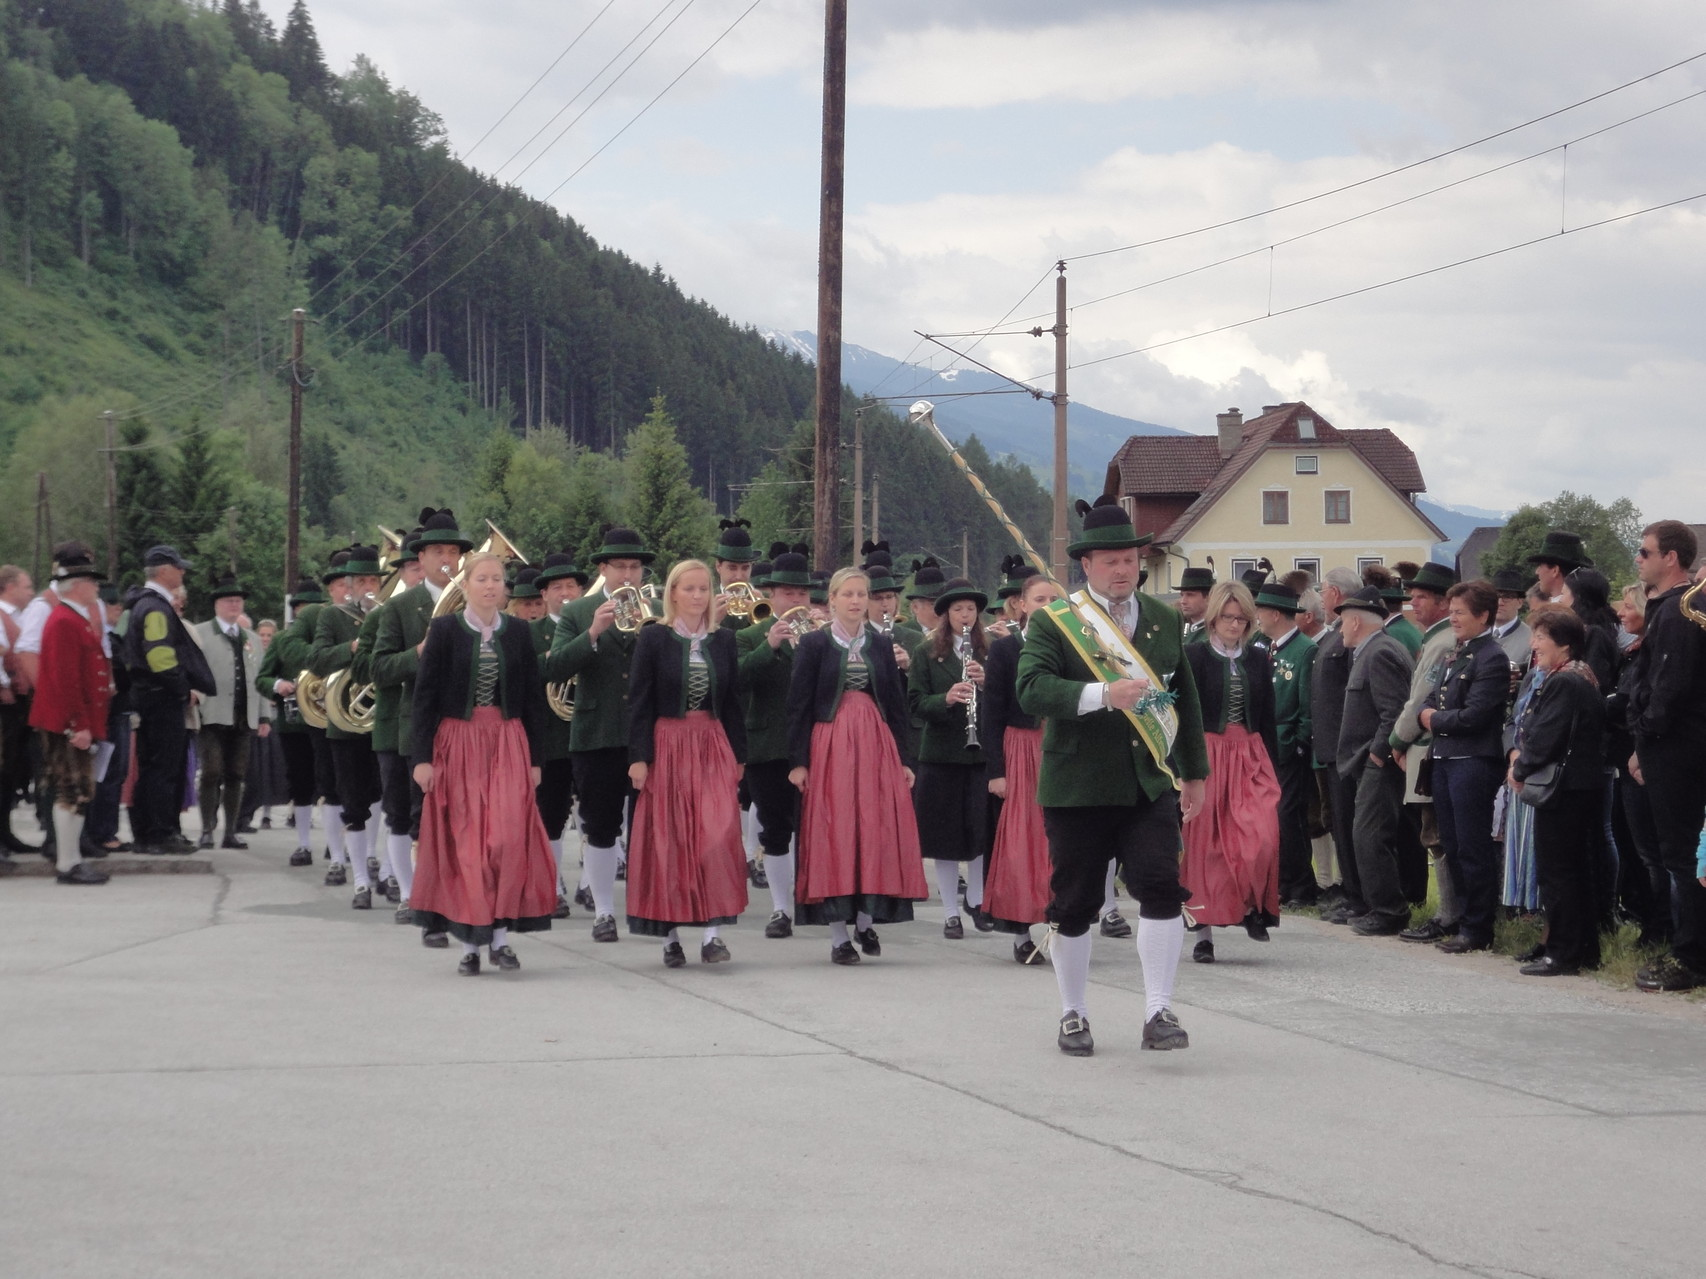 Marschmusikwertung Stein/Enns - Juni 2014